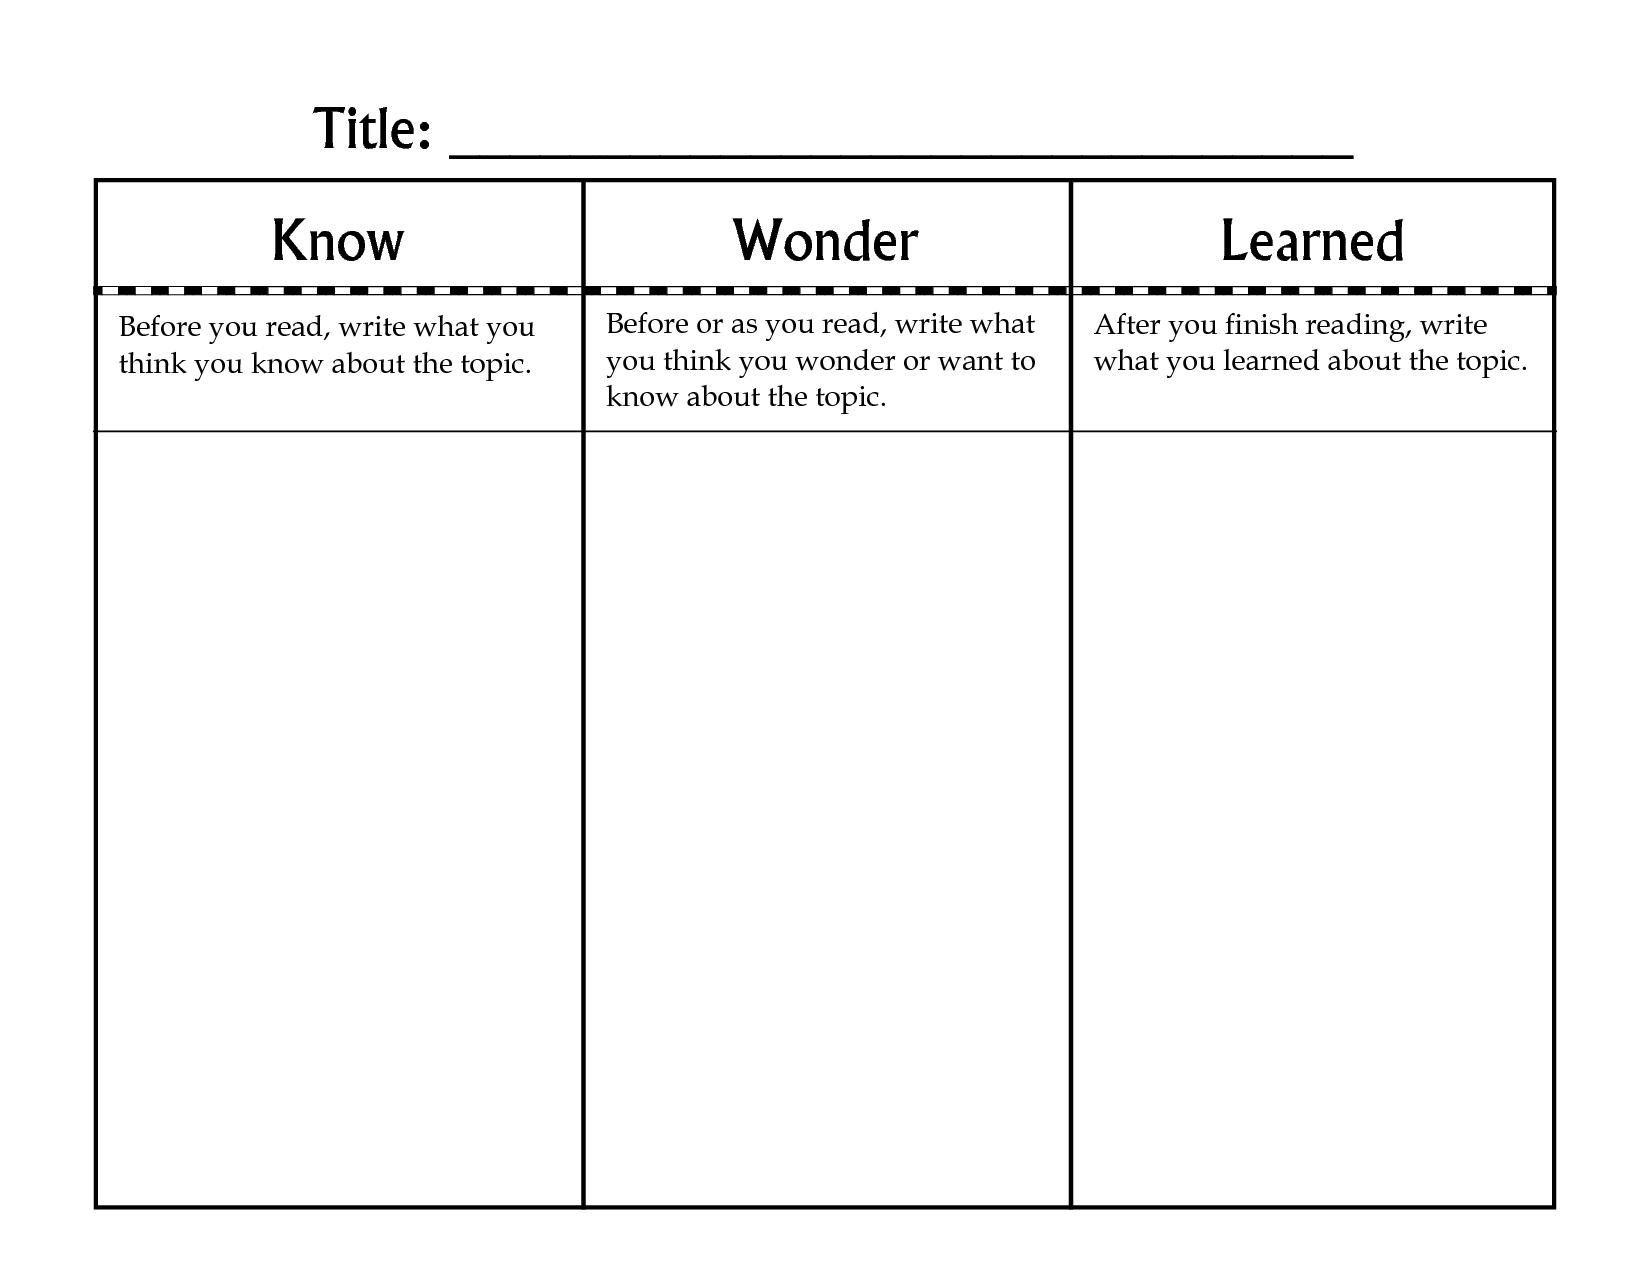 Mẫu biểu đồ KWL thông dụng trong Vận dụng kiến thức nền và kết nối với bản thân.